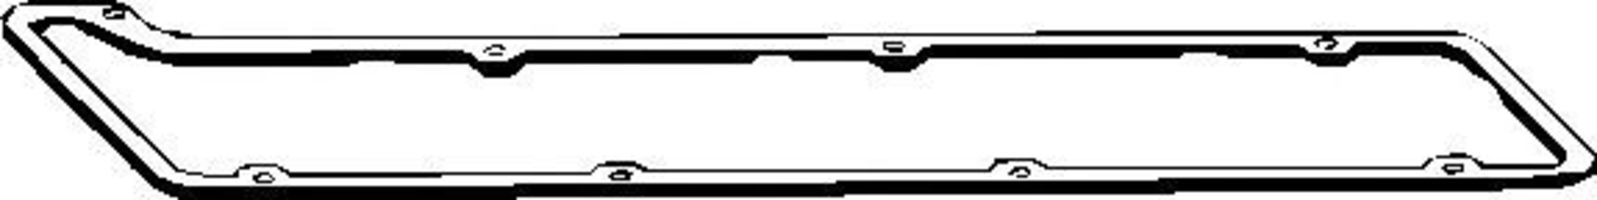 Прокладка клапанной крышки ELRING 752193